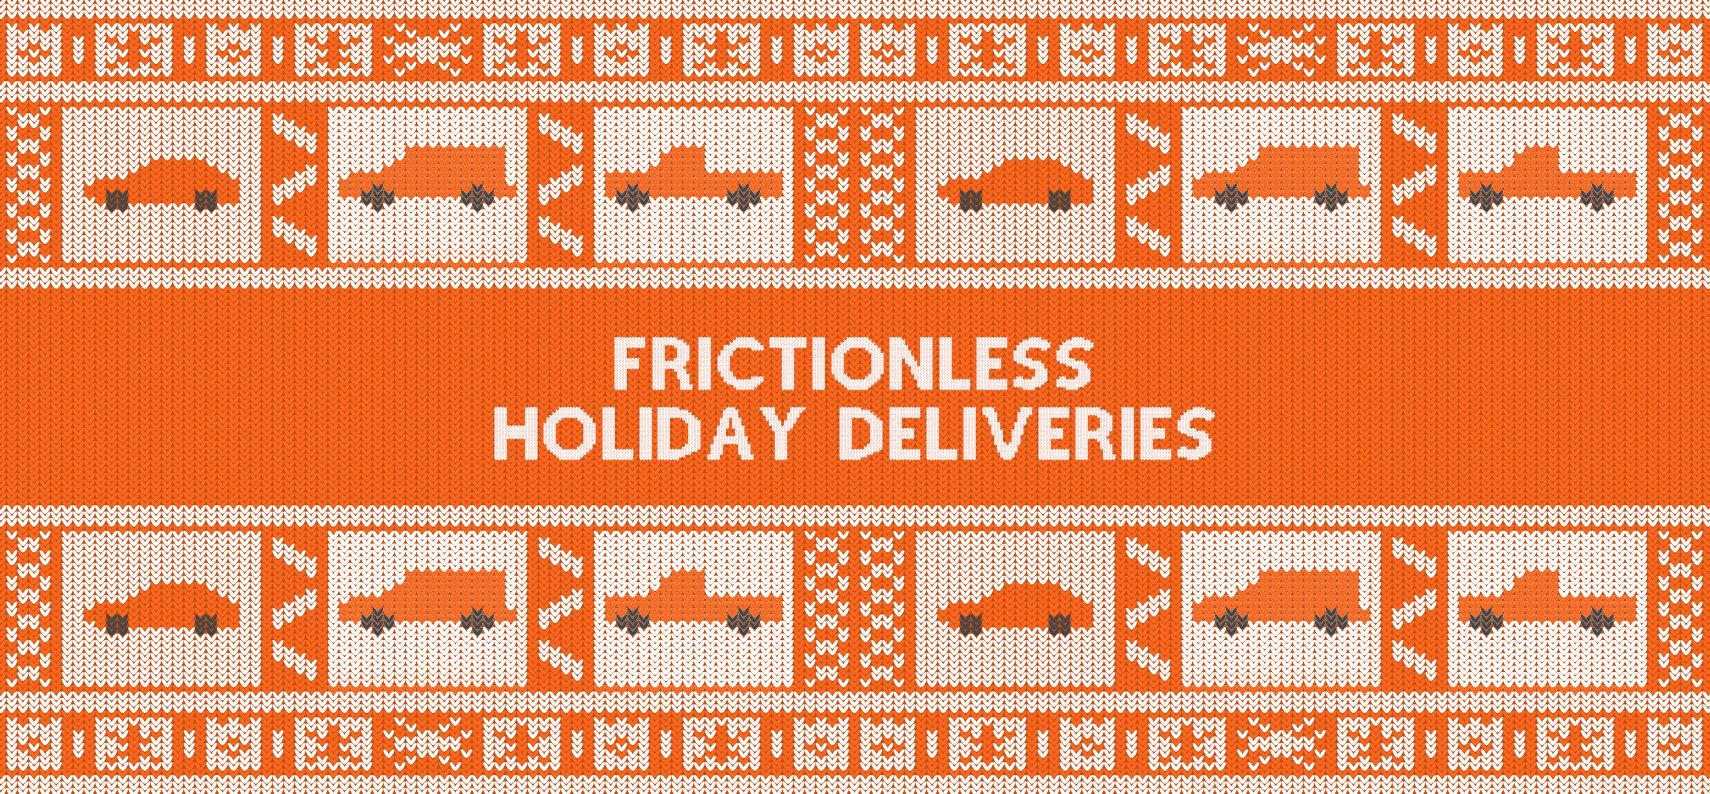 BlogHeader_Dec2020_Holidays-FrictionlessDeliveries_v2